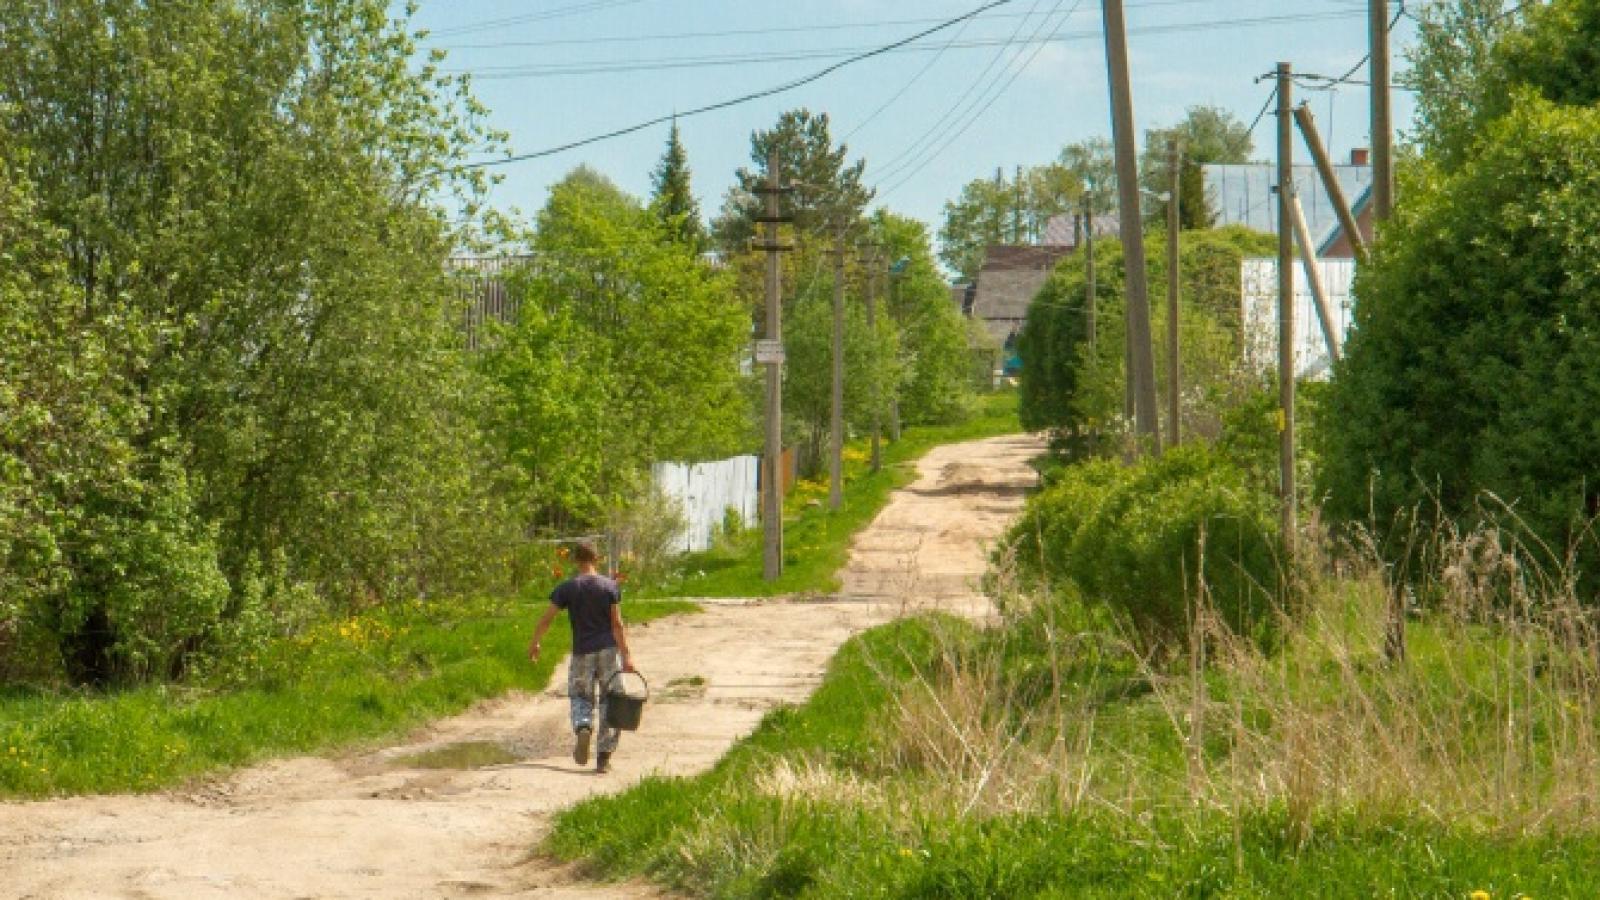 25 дорог отремонтируют в Вологодском районе